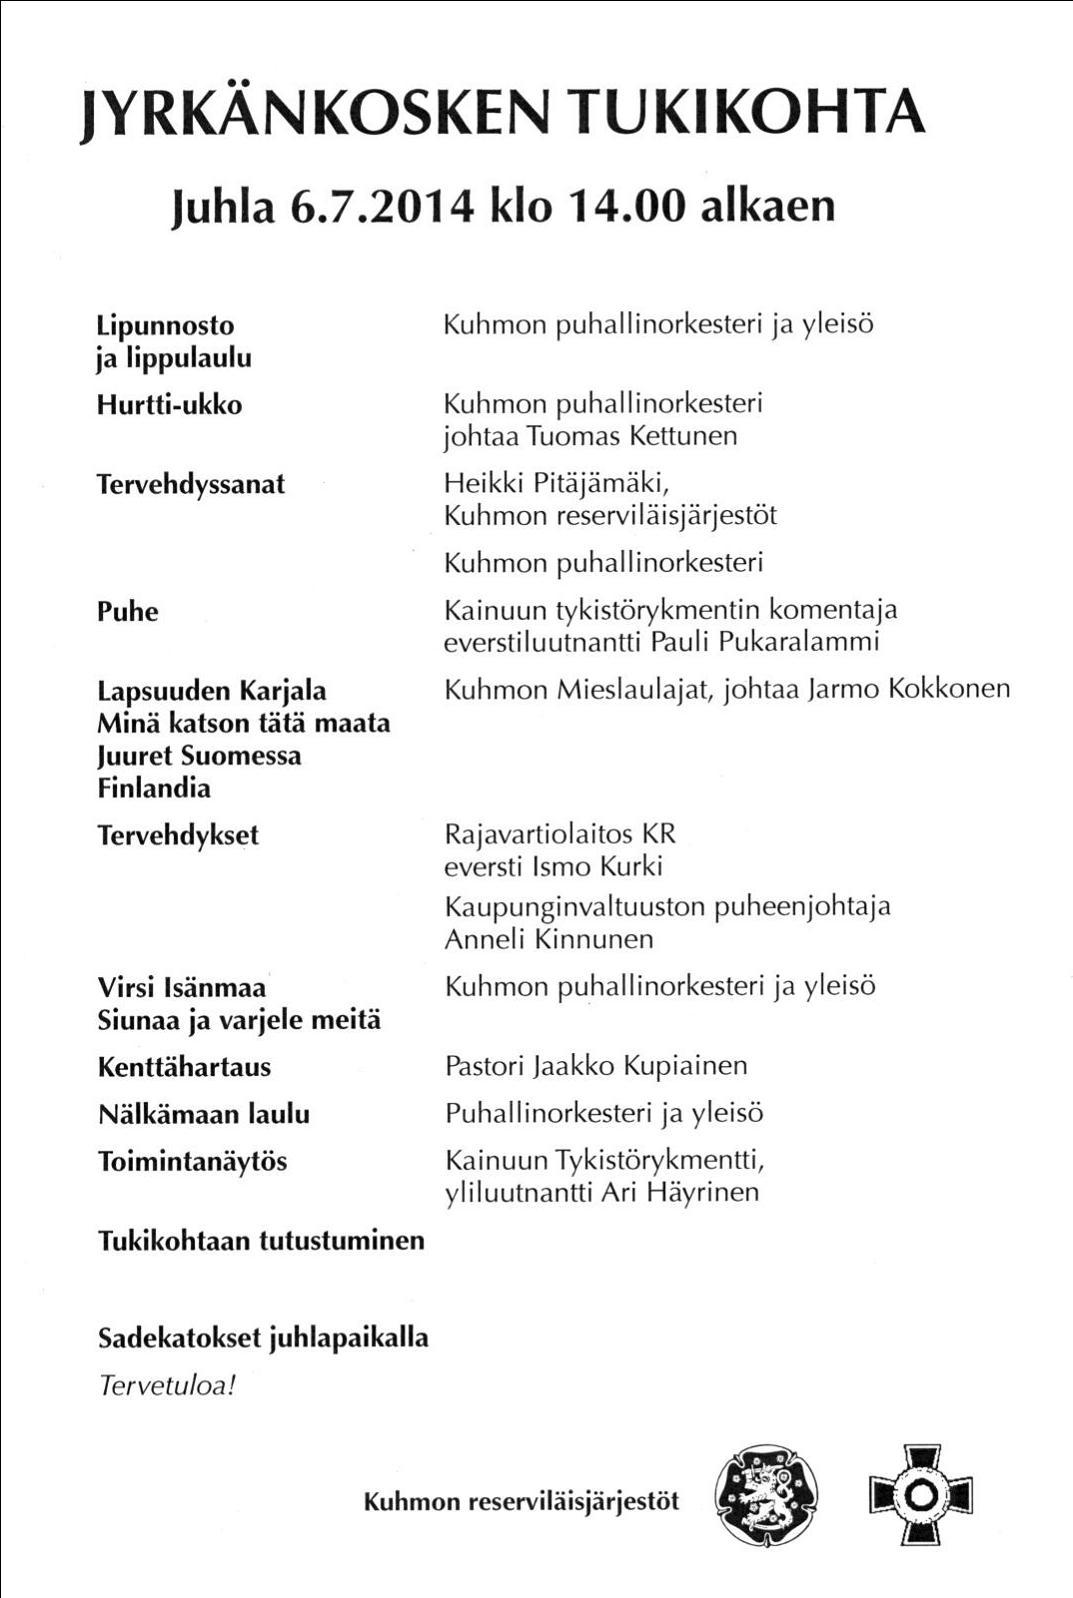 Jyrkänkosken juhlan 6.7.2014 pidettävän juhlan ohjelma.